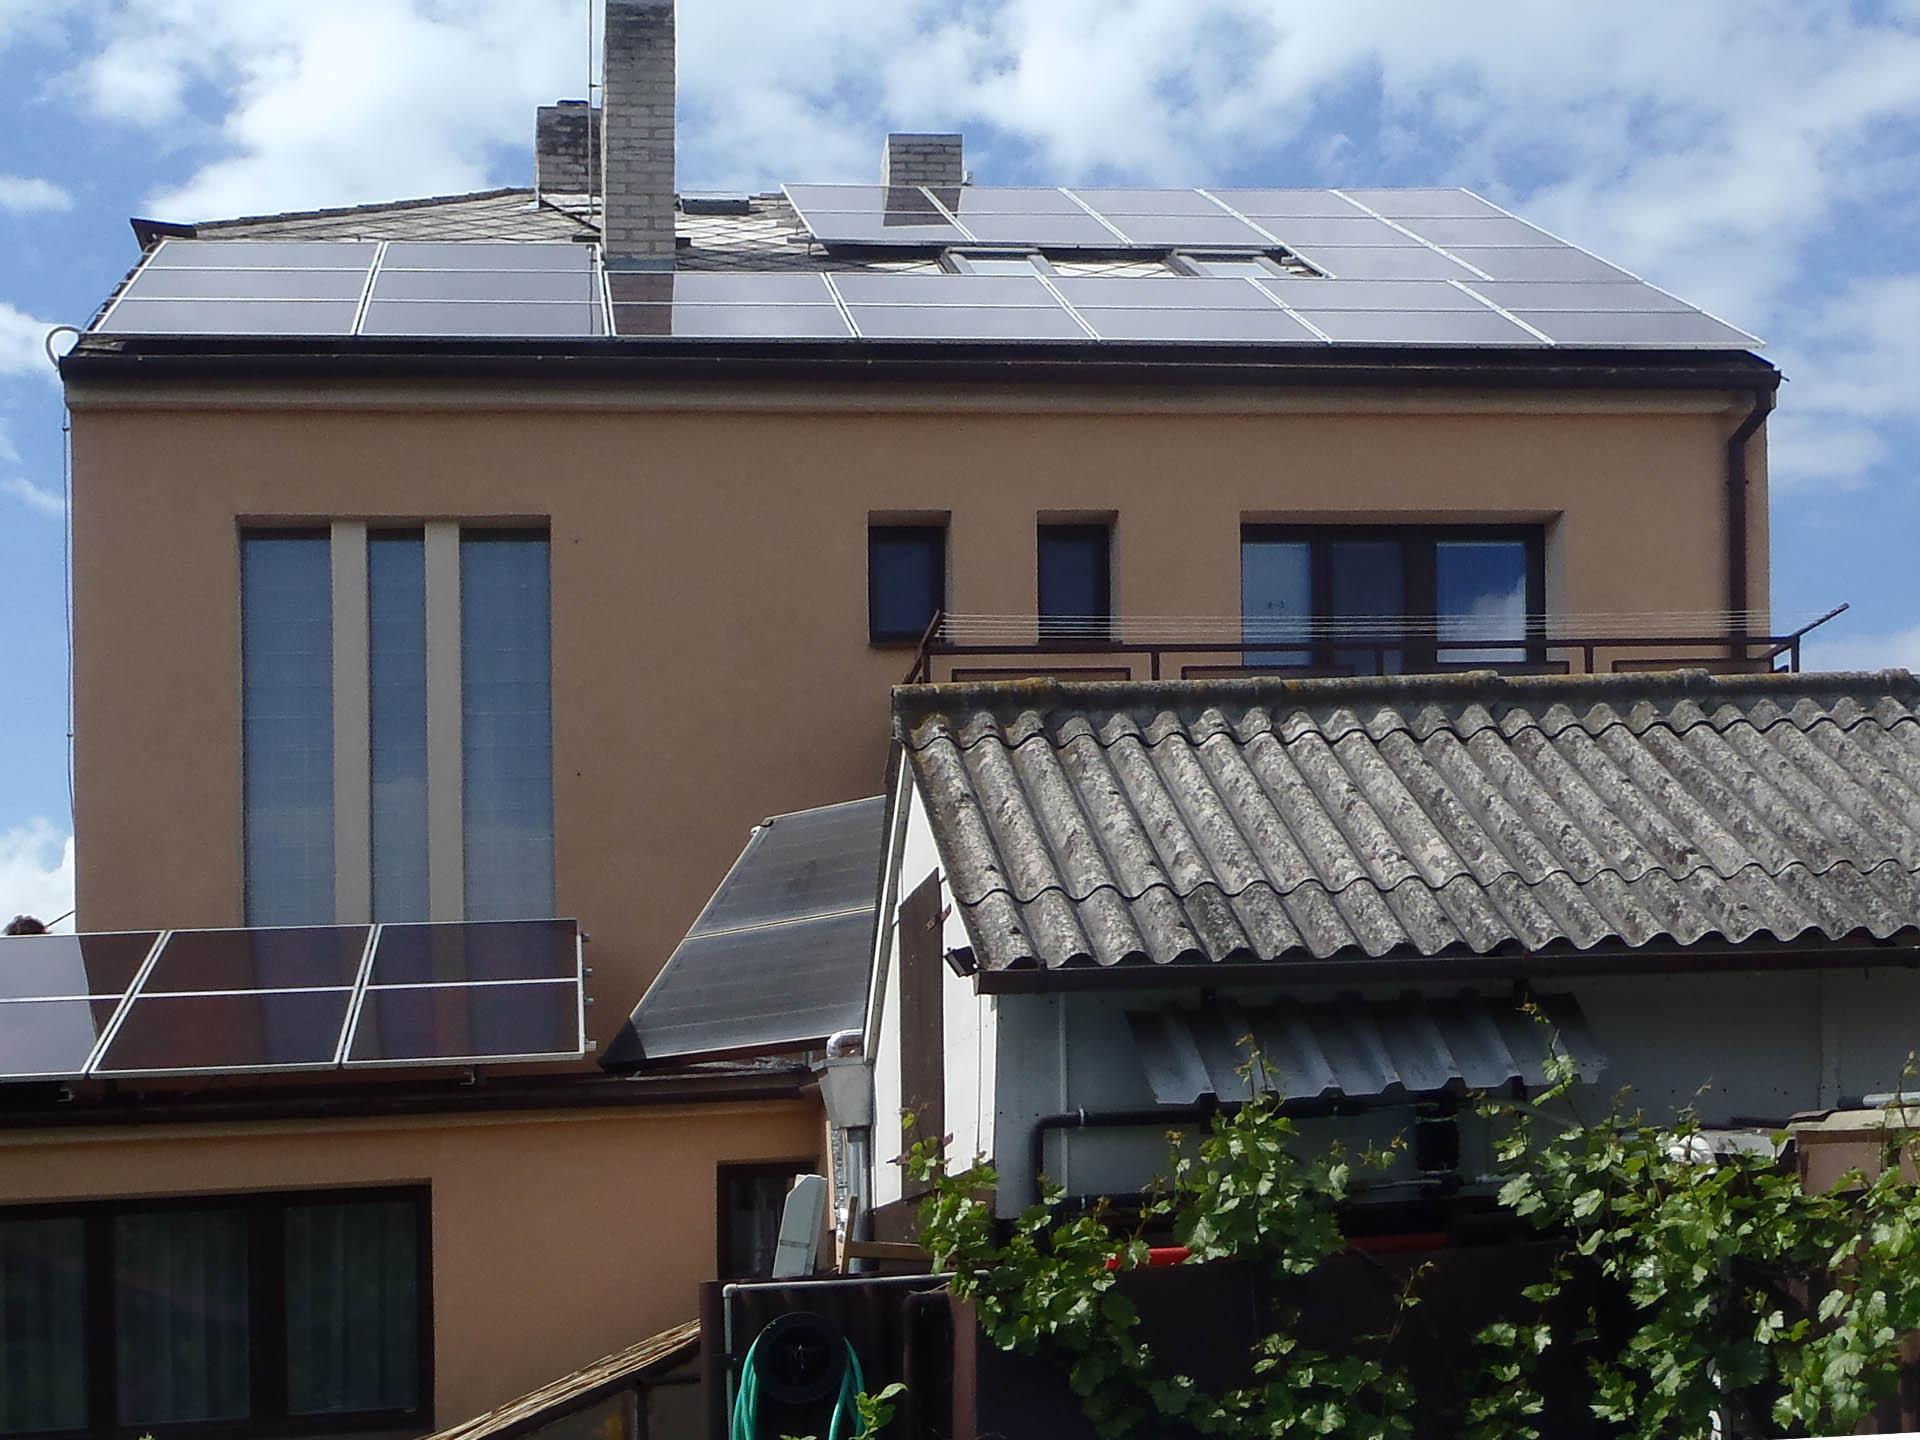 Rodinný dům, Okříšky. Instalace fotovoltaické elektrárny o výkonu 4,7 kWp.